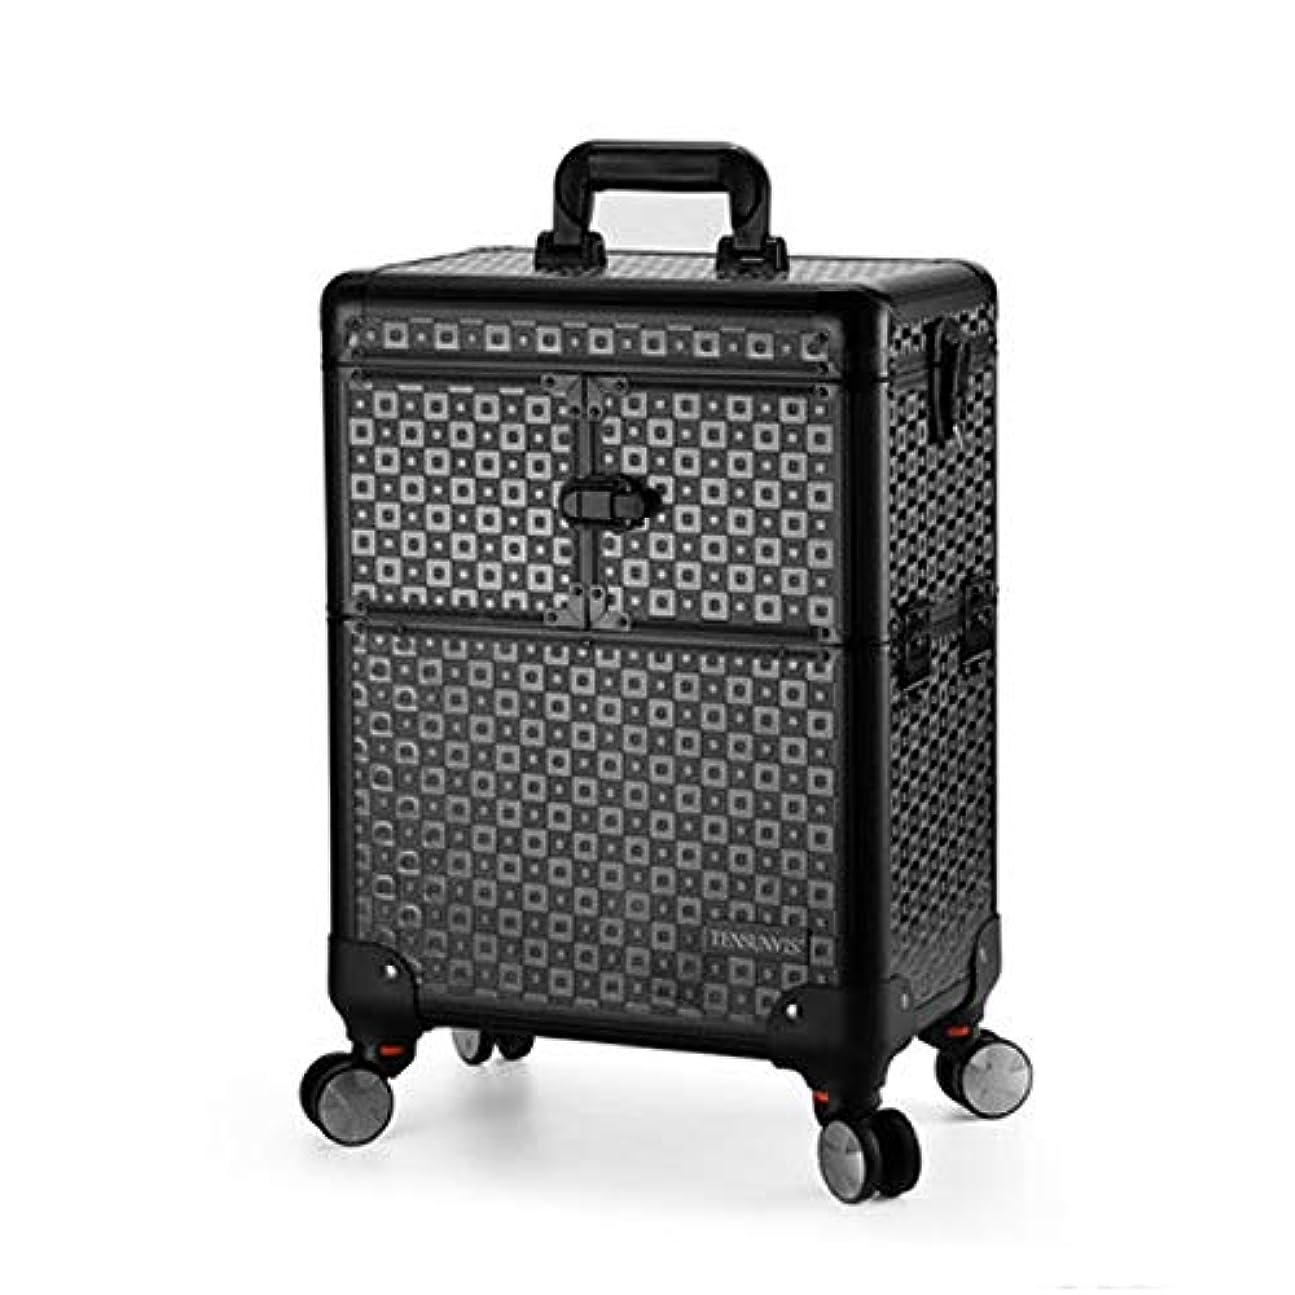 終わり少なくともコショウプロ専用 美容師 クローゼット スーツケース メイクボックス キャリーバッグ ヘアメイク プロ 大容量 軽量 高品質 多機能 I-TT-4622-TB-T